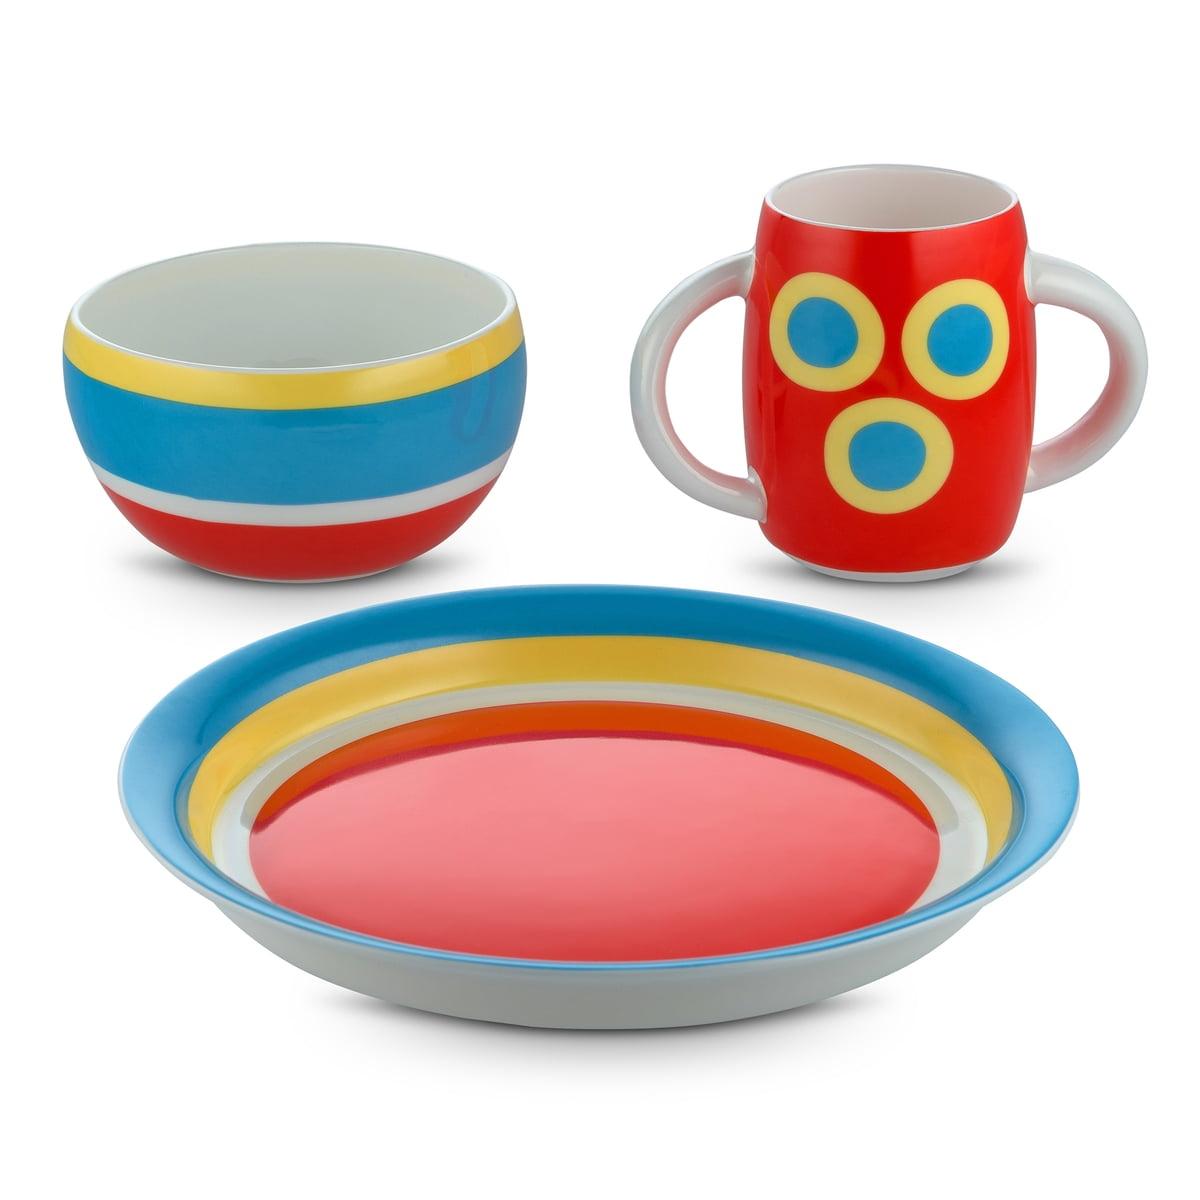 Alessi designové dětské jídelní sety Alessini Con - Centrici